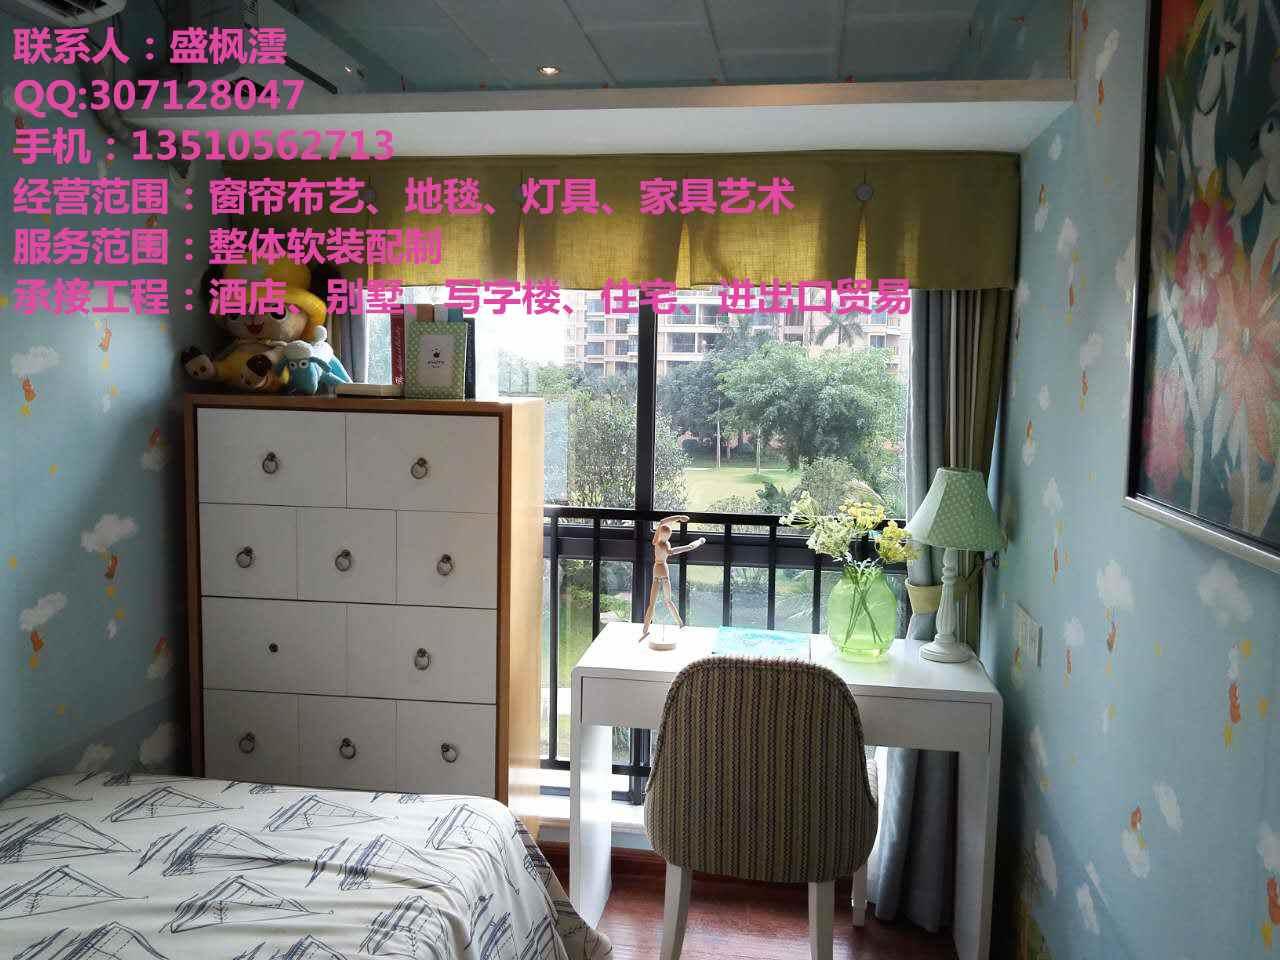 深圳酒吧设计装修施工服务 排名领先实力雄厚